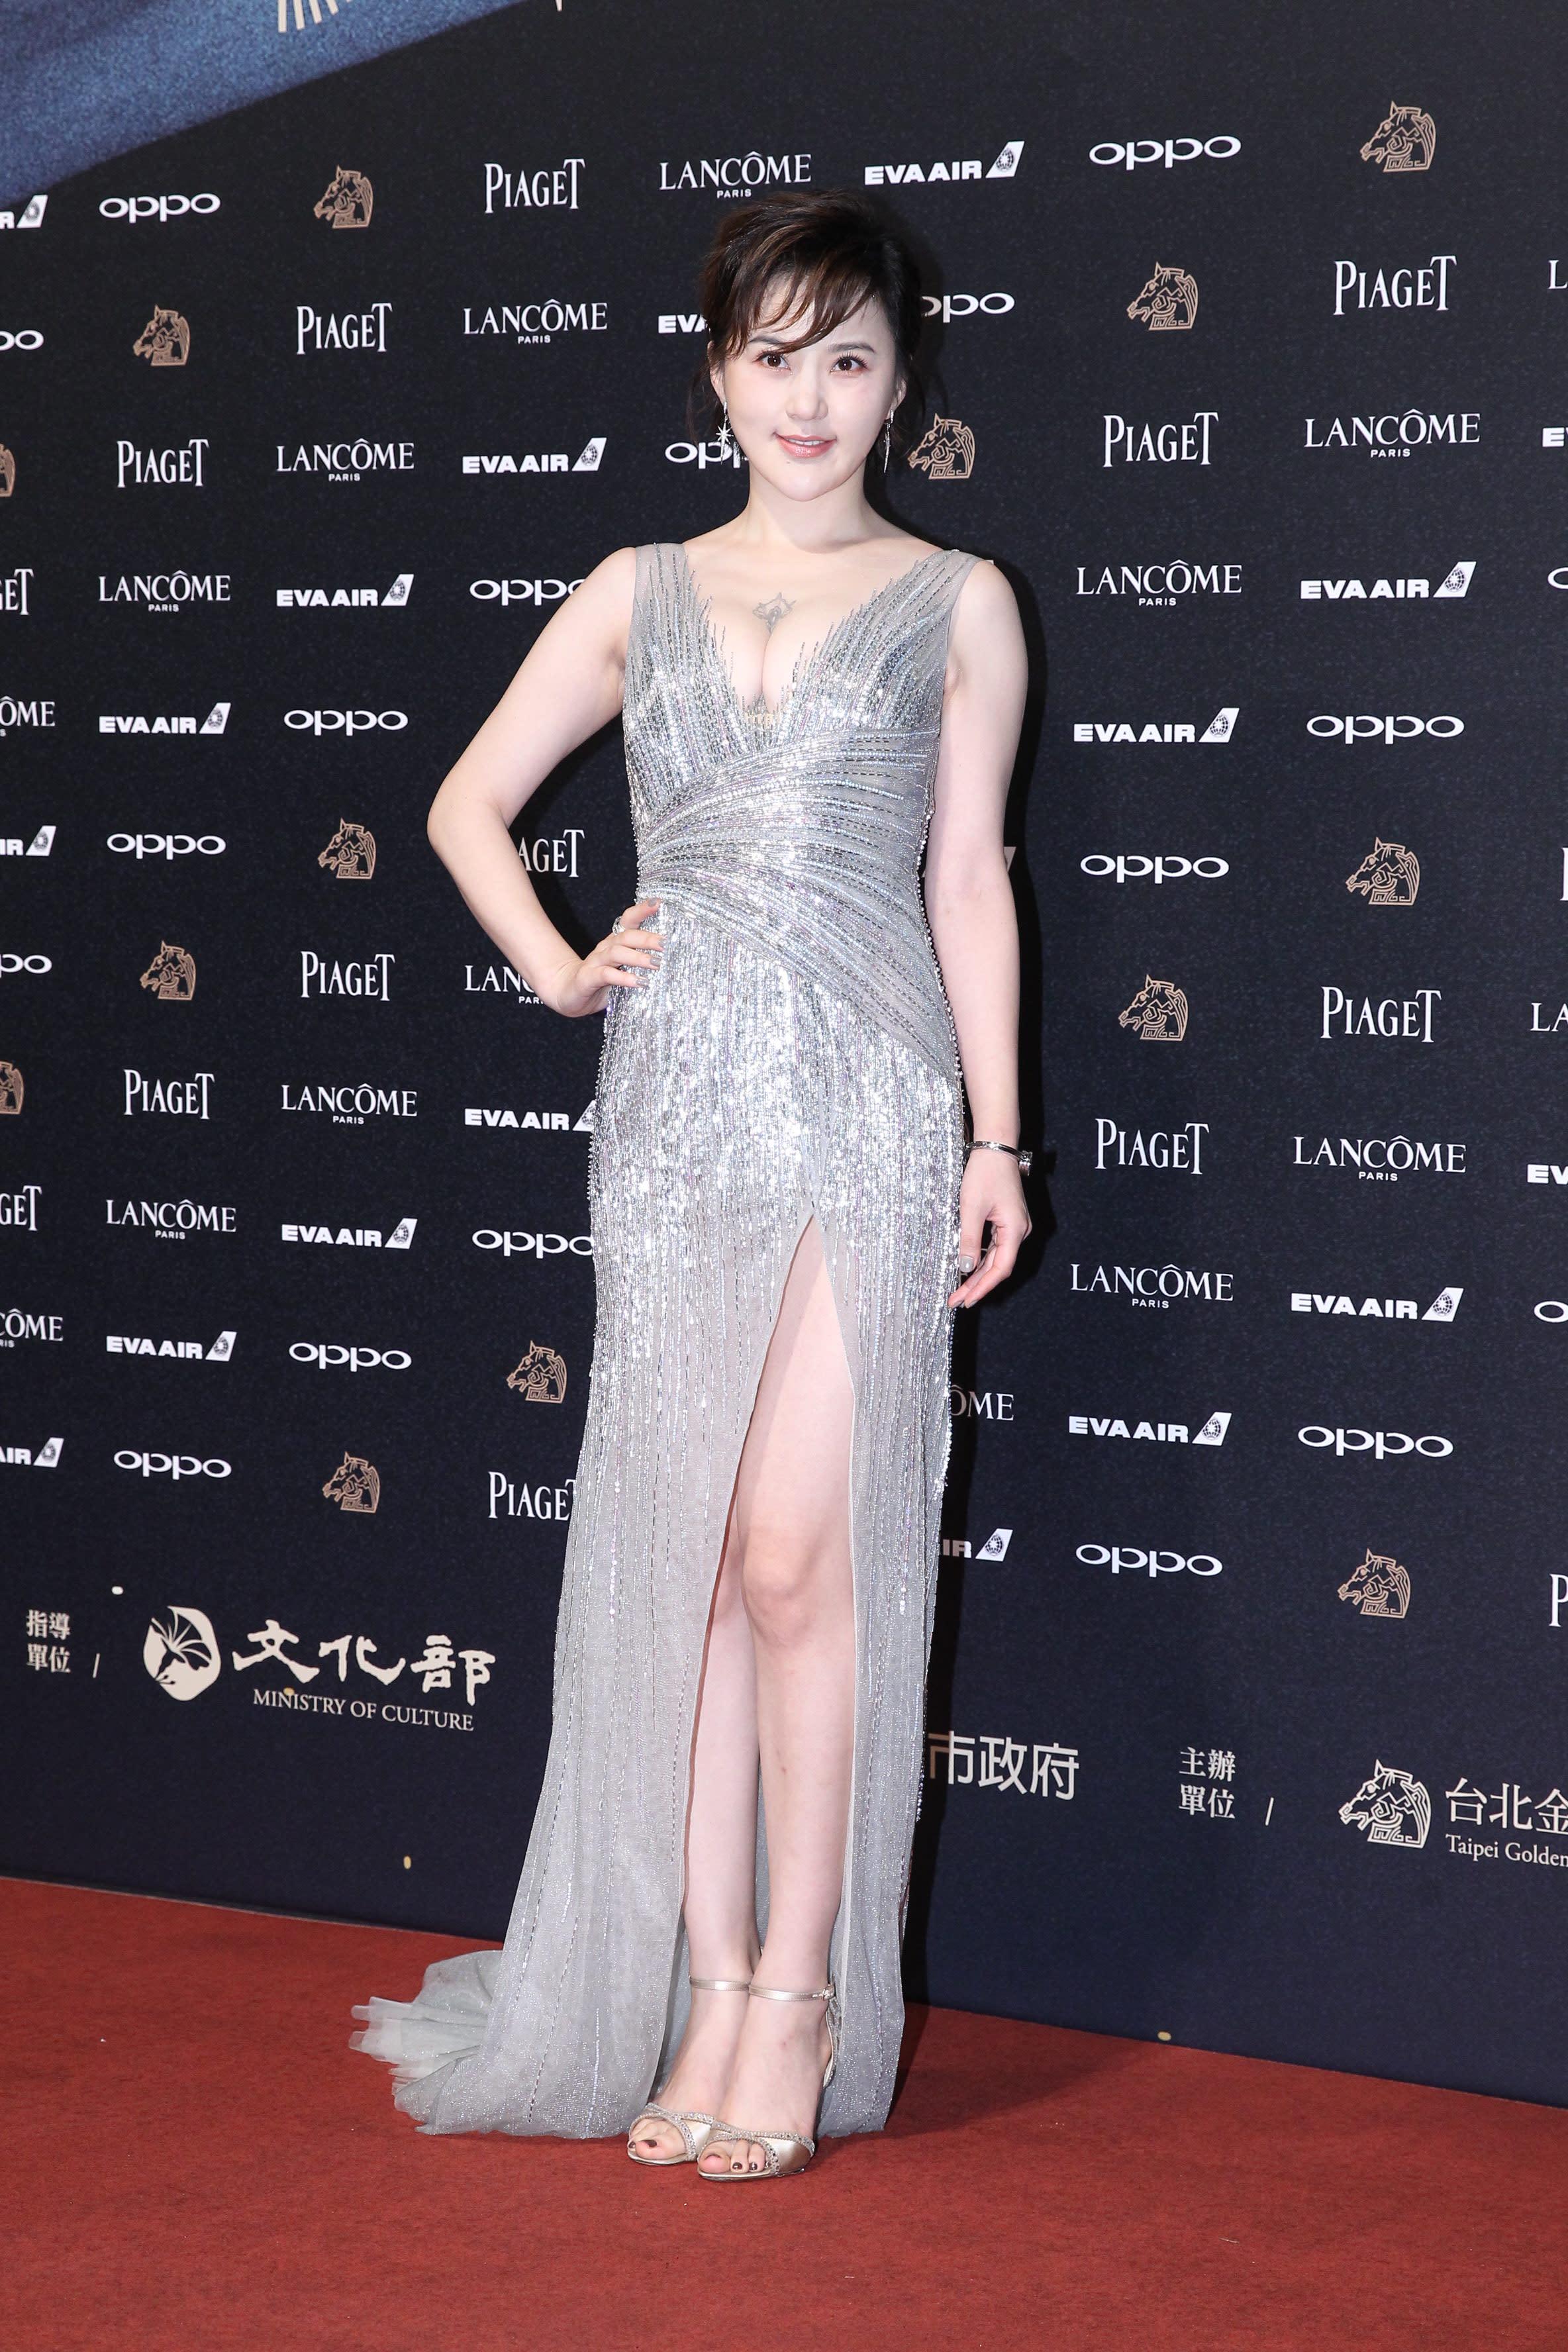 <p>《老獸》劇組女星王子子,穿上低胸銀色閃閃晚裝,更豪曬超事業線,非常引人注目(達志影像) </p>